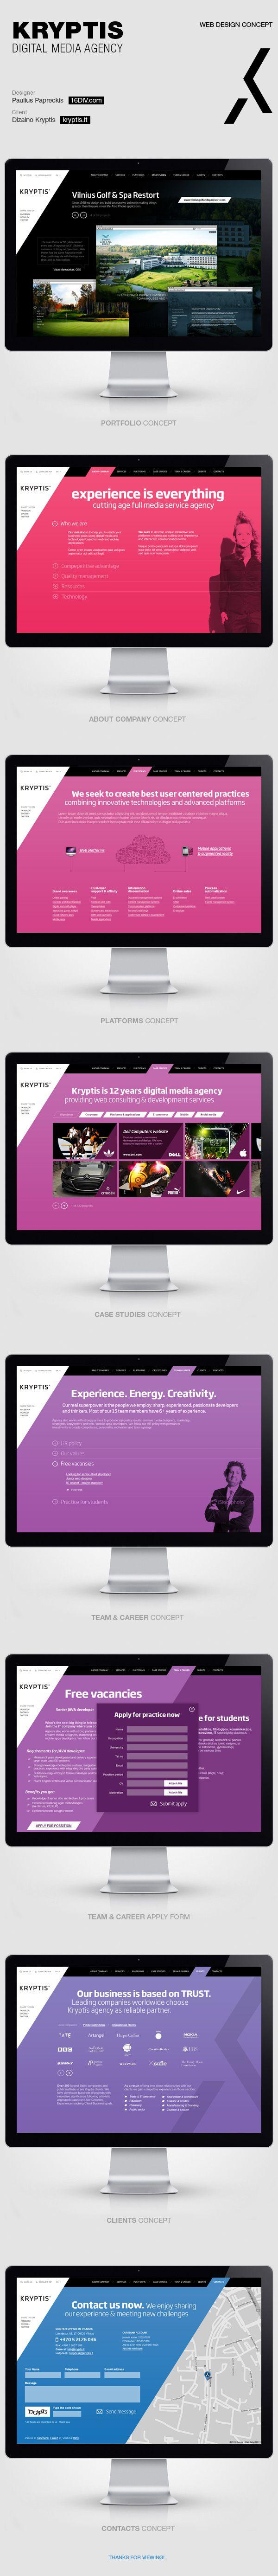 Kryptis web design concept by Paulius Papreckis